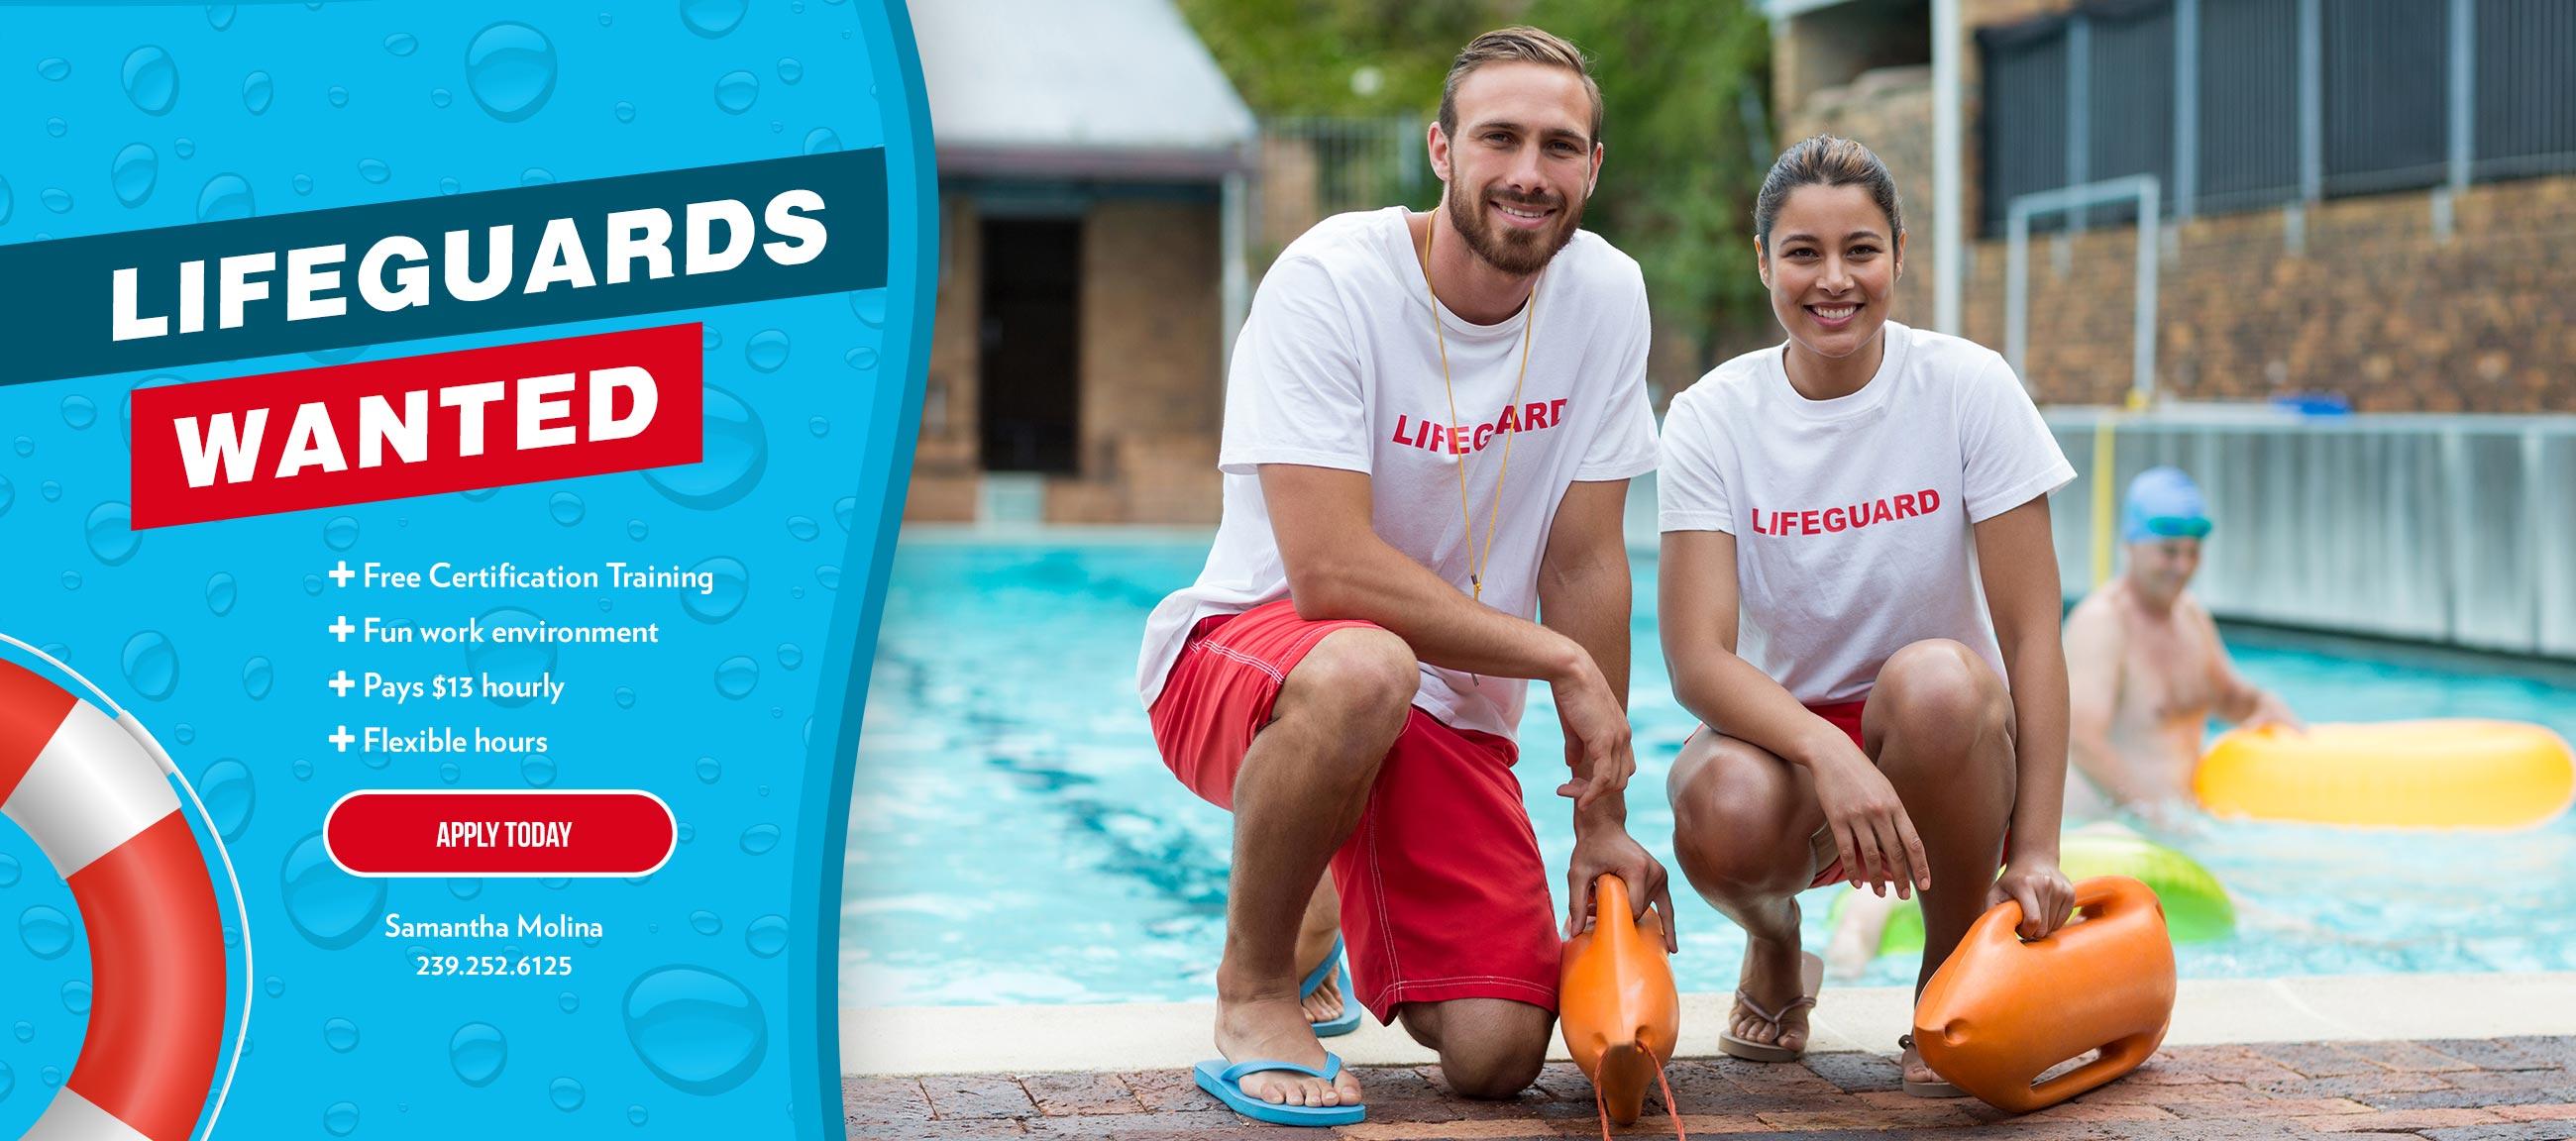 Lifeguards Wanted 1